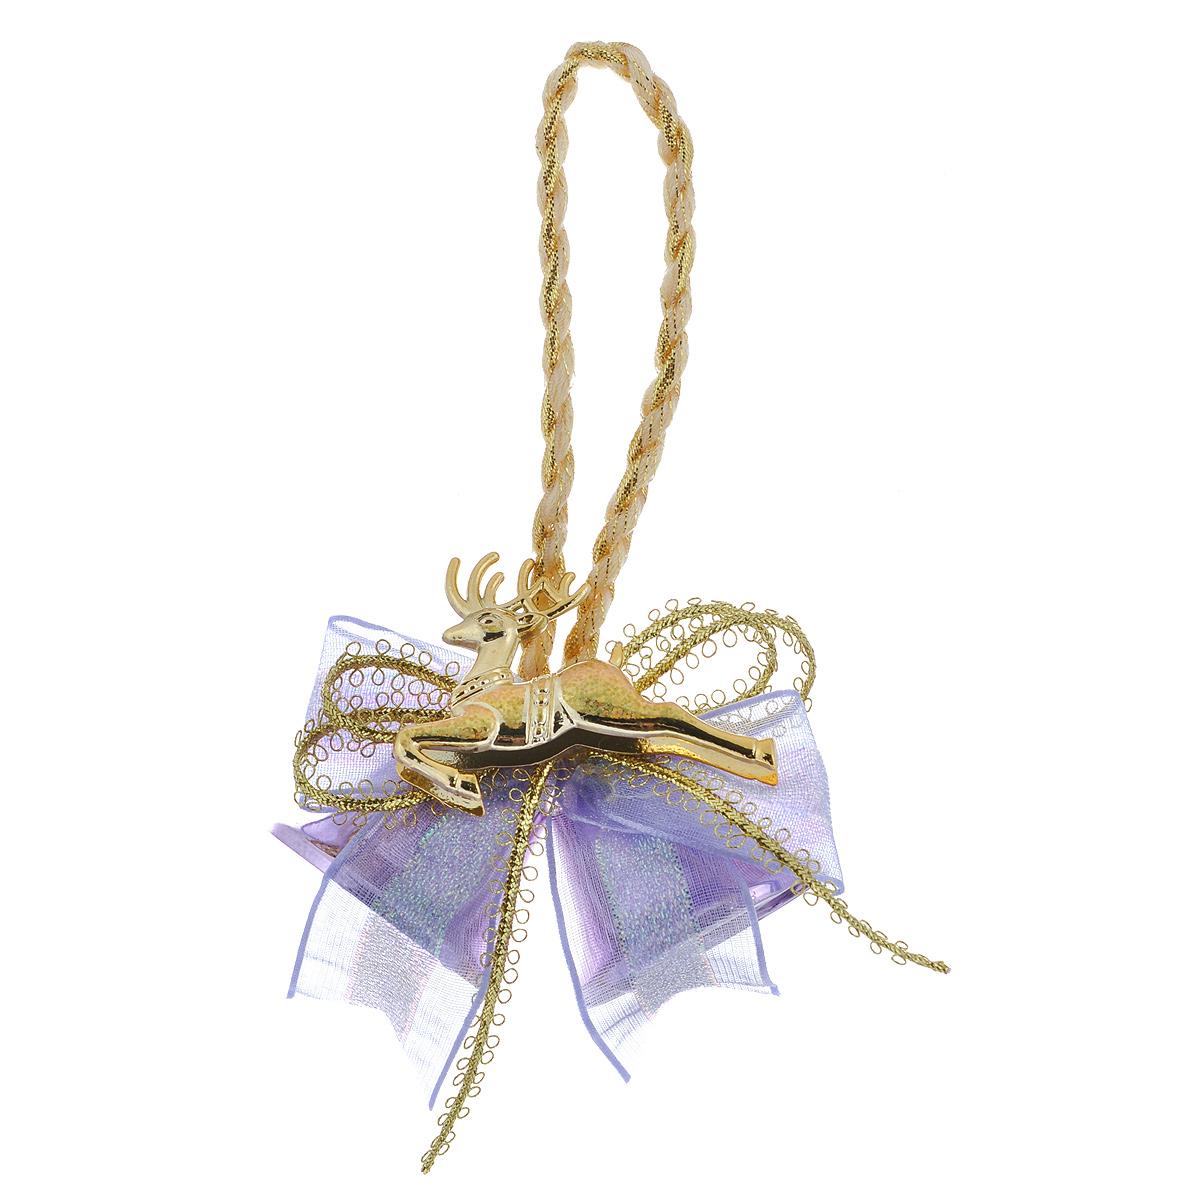 Новогоднее подвесное украшение Колокольчики, цвет: сиреневый. 3501835018Новогоднее украшение Колокольчики отлично подойдет для декорации вашего дома и новогодней ели. Игрушка выполнена в виде связки на декоративной ленте из шести пластиковых колокольчиков различных размеров. Связка украшена декоративным элементом в виде цветка с золотистым листком, ветками с ягодами и текстильным бантом с мишурой. Колокольчики украшены мишурой и золотой каймой по краю. Украшение оснащено специальной текстильной петелькой для подвешивания. Елочная игрушка - символ Нового года. Она несет в себе волшебство и красоту праздника. Создайте в своем доме атмосферу веселья и радости, украшая всей семьей новогоднюю елку нарядными игрушками, которые будут из года в год накапливать теплоту воспоминаний.